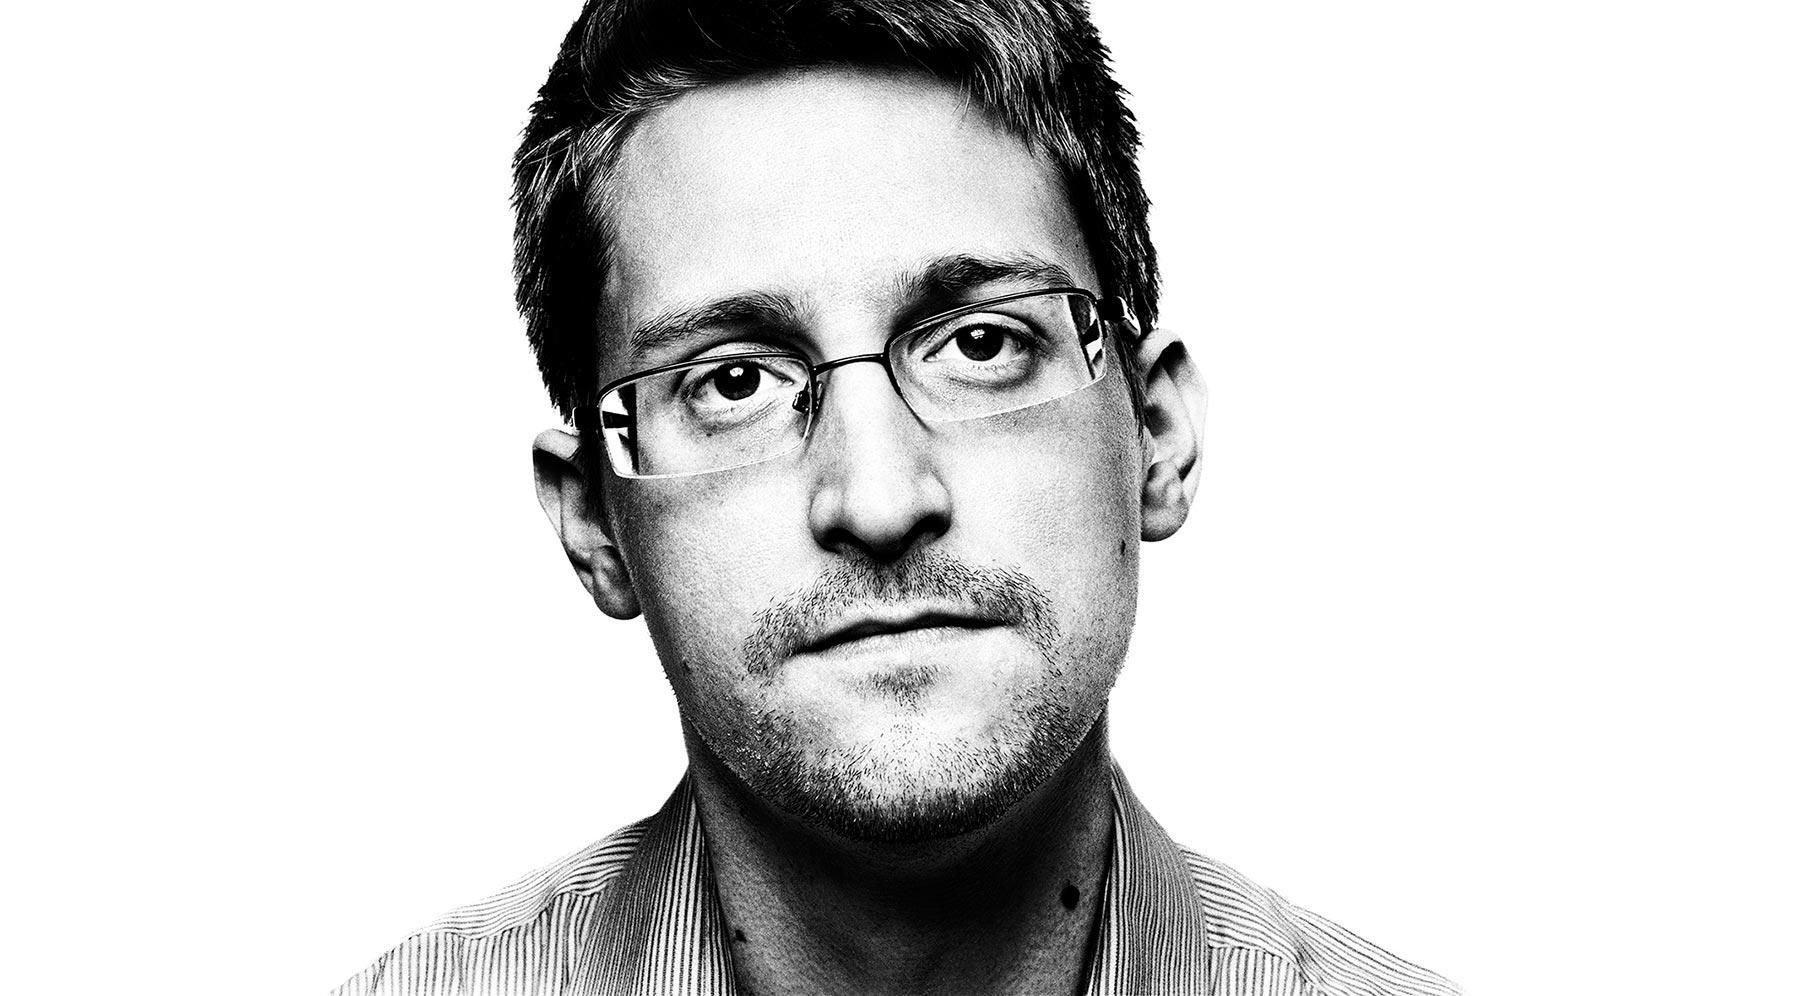 Edward Snowden contro l'indebolimento della crittografia